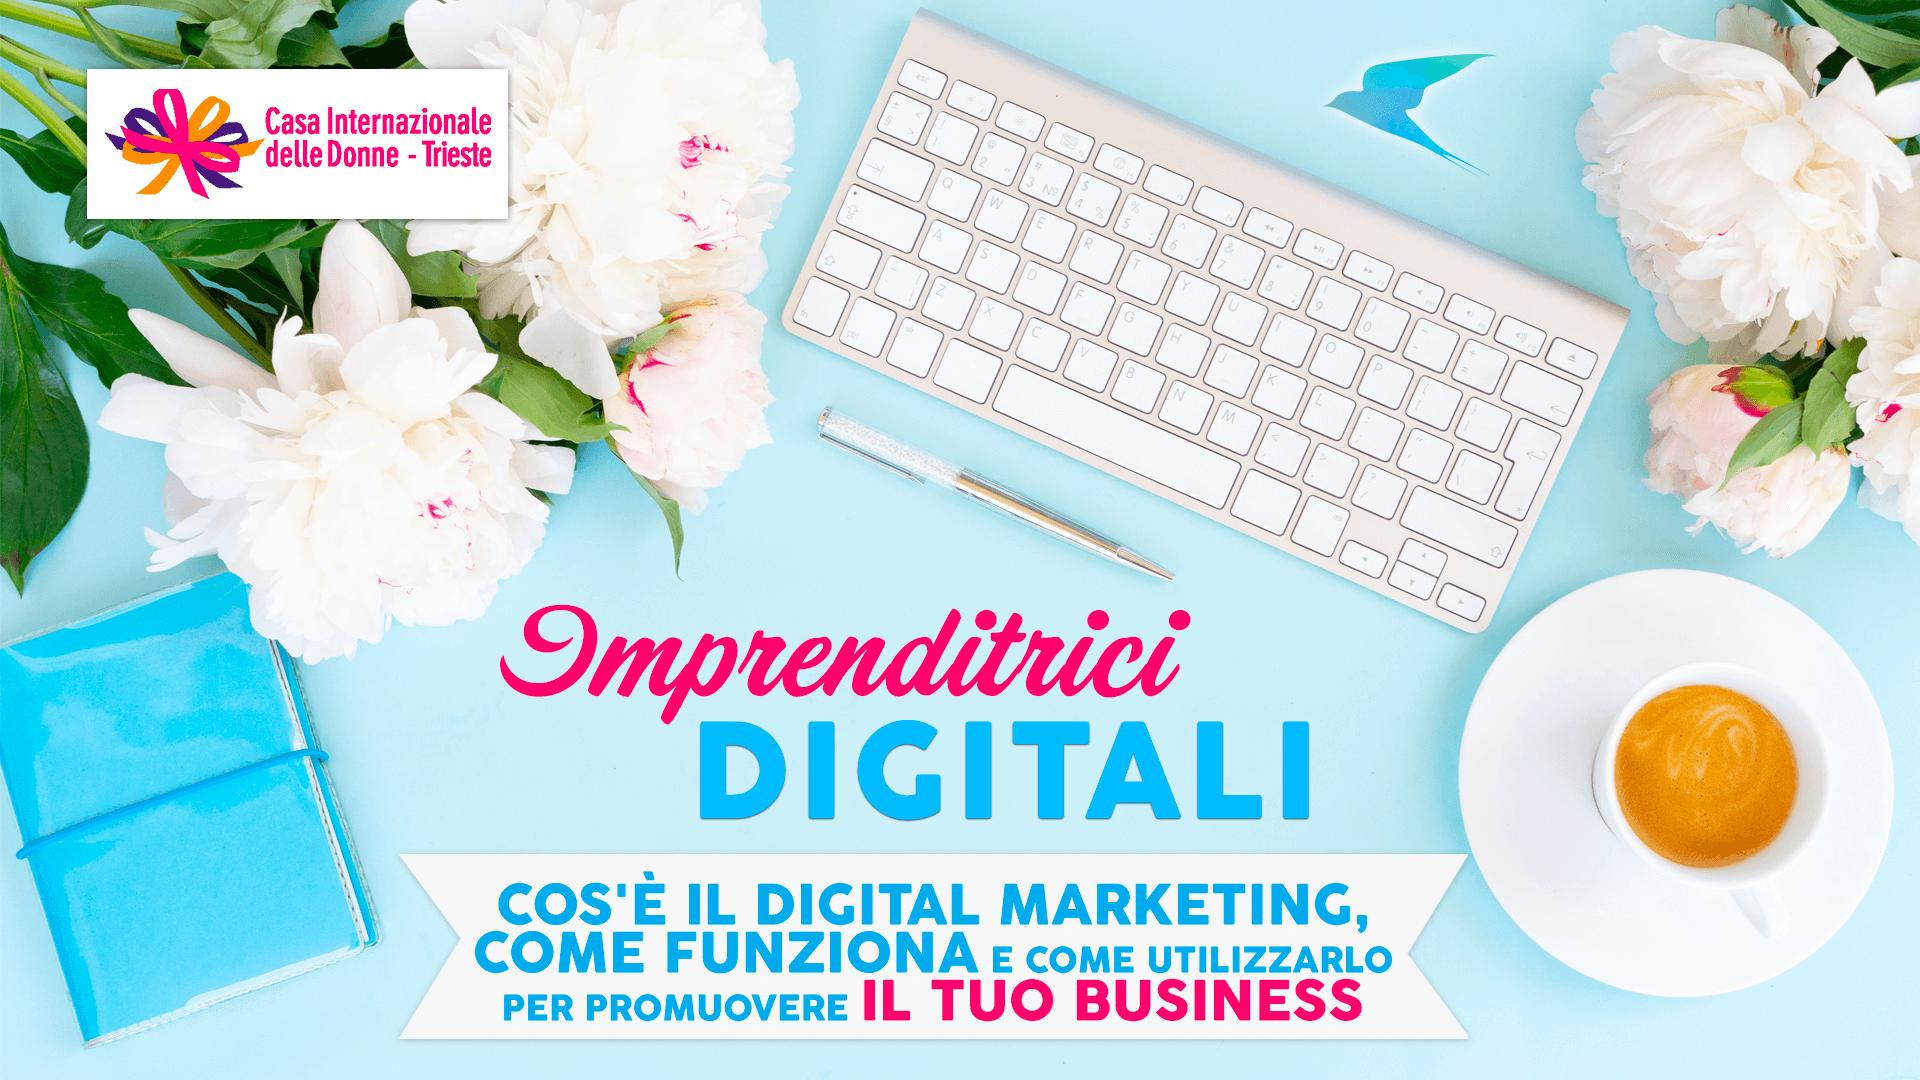 Workshop Imprenditrici Digitali a Trieste: un corso sul digital marketing rivolto alle donne che lavorano in proprio o che stanno per aprire il proprio business